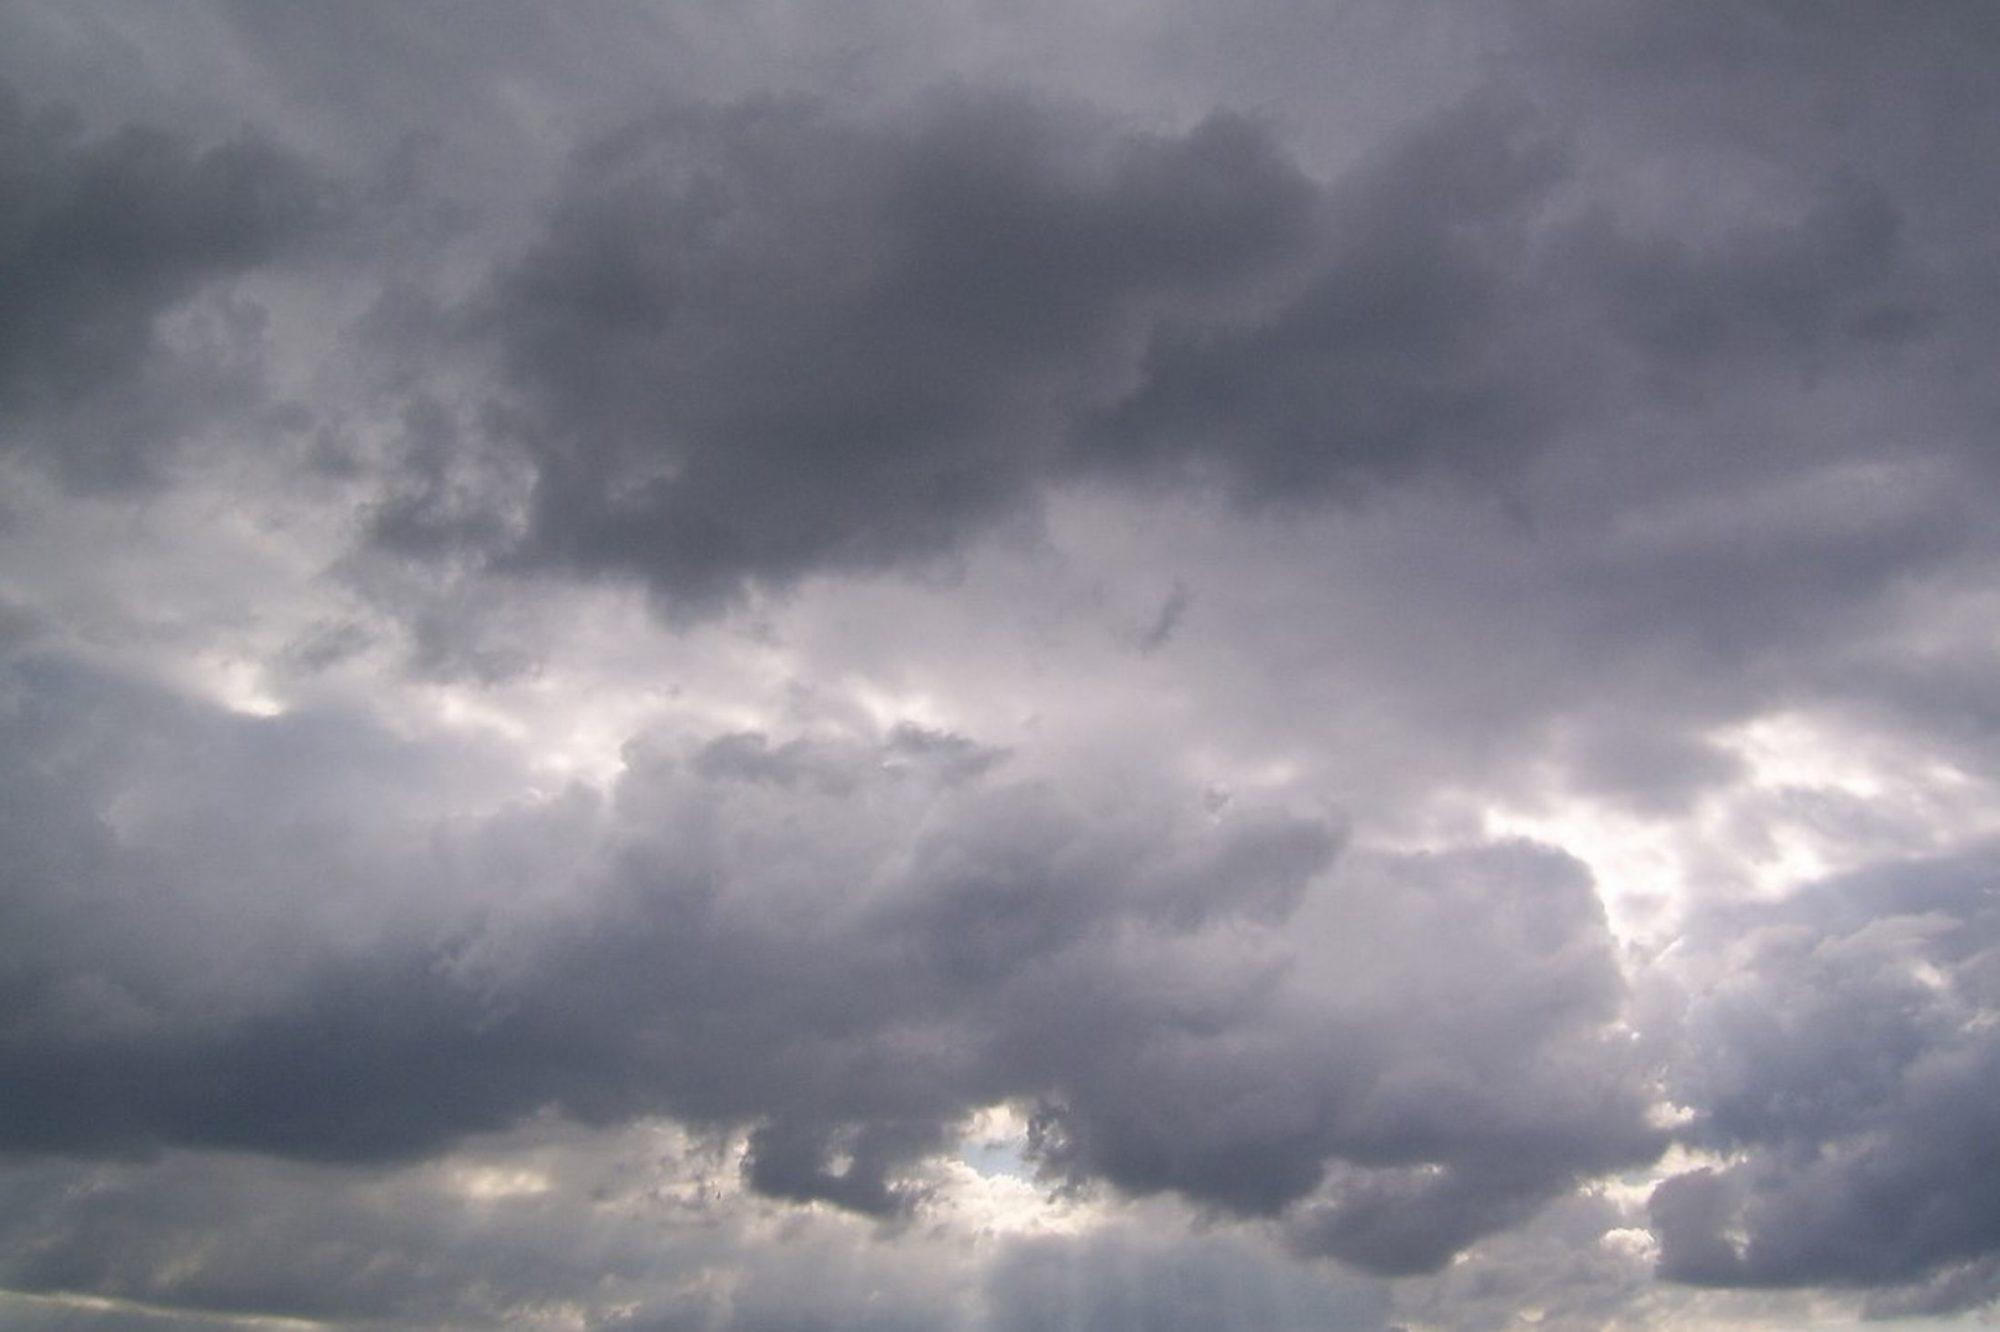 Хмарно, вогко, хоча без опадів: погода на 13 грудня на Київщині - погода - 13 pogoda2 2000x1332